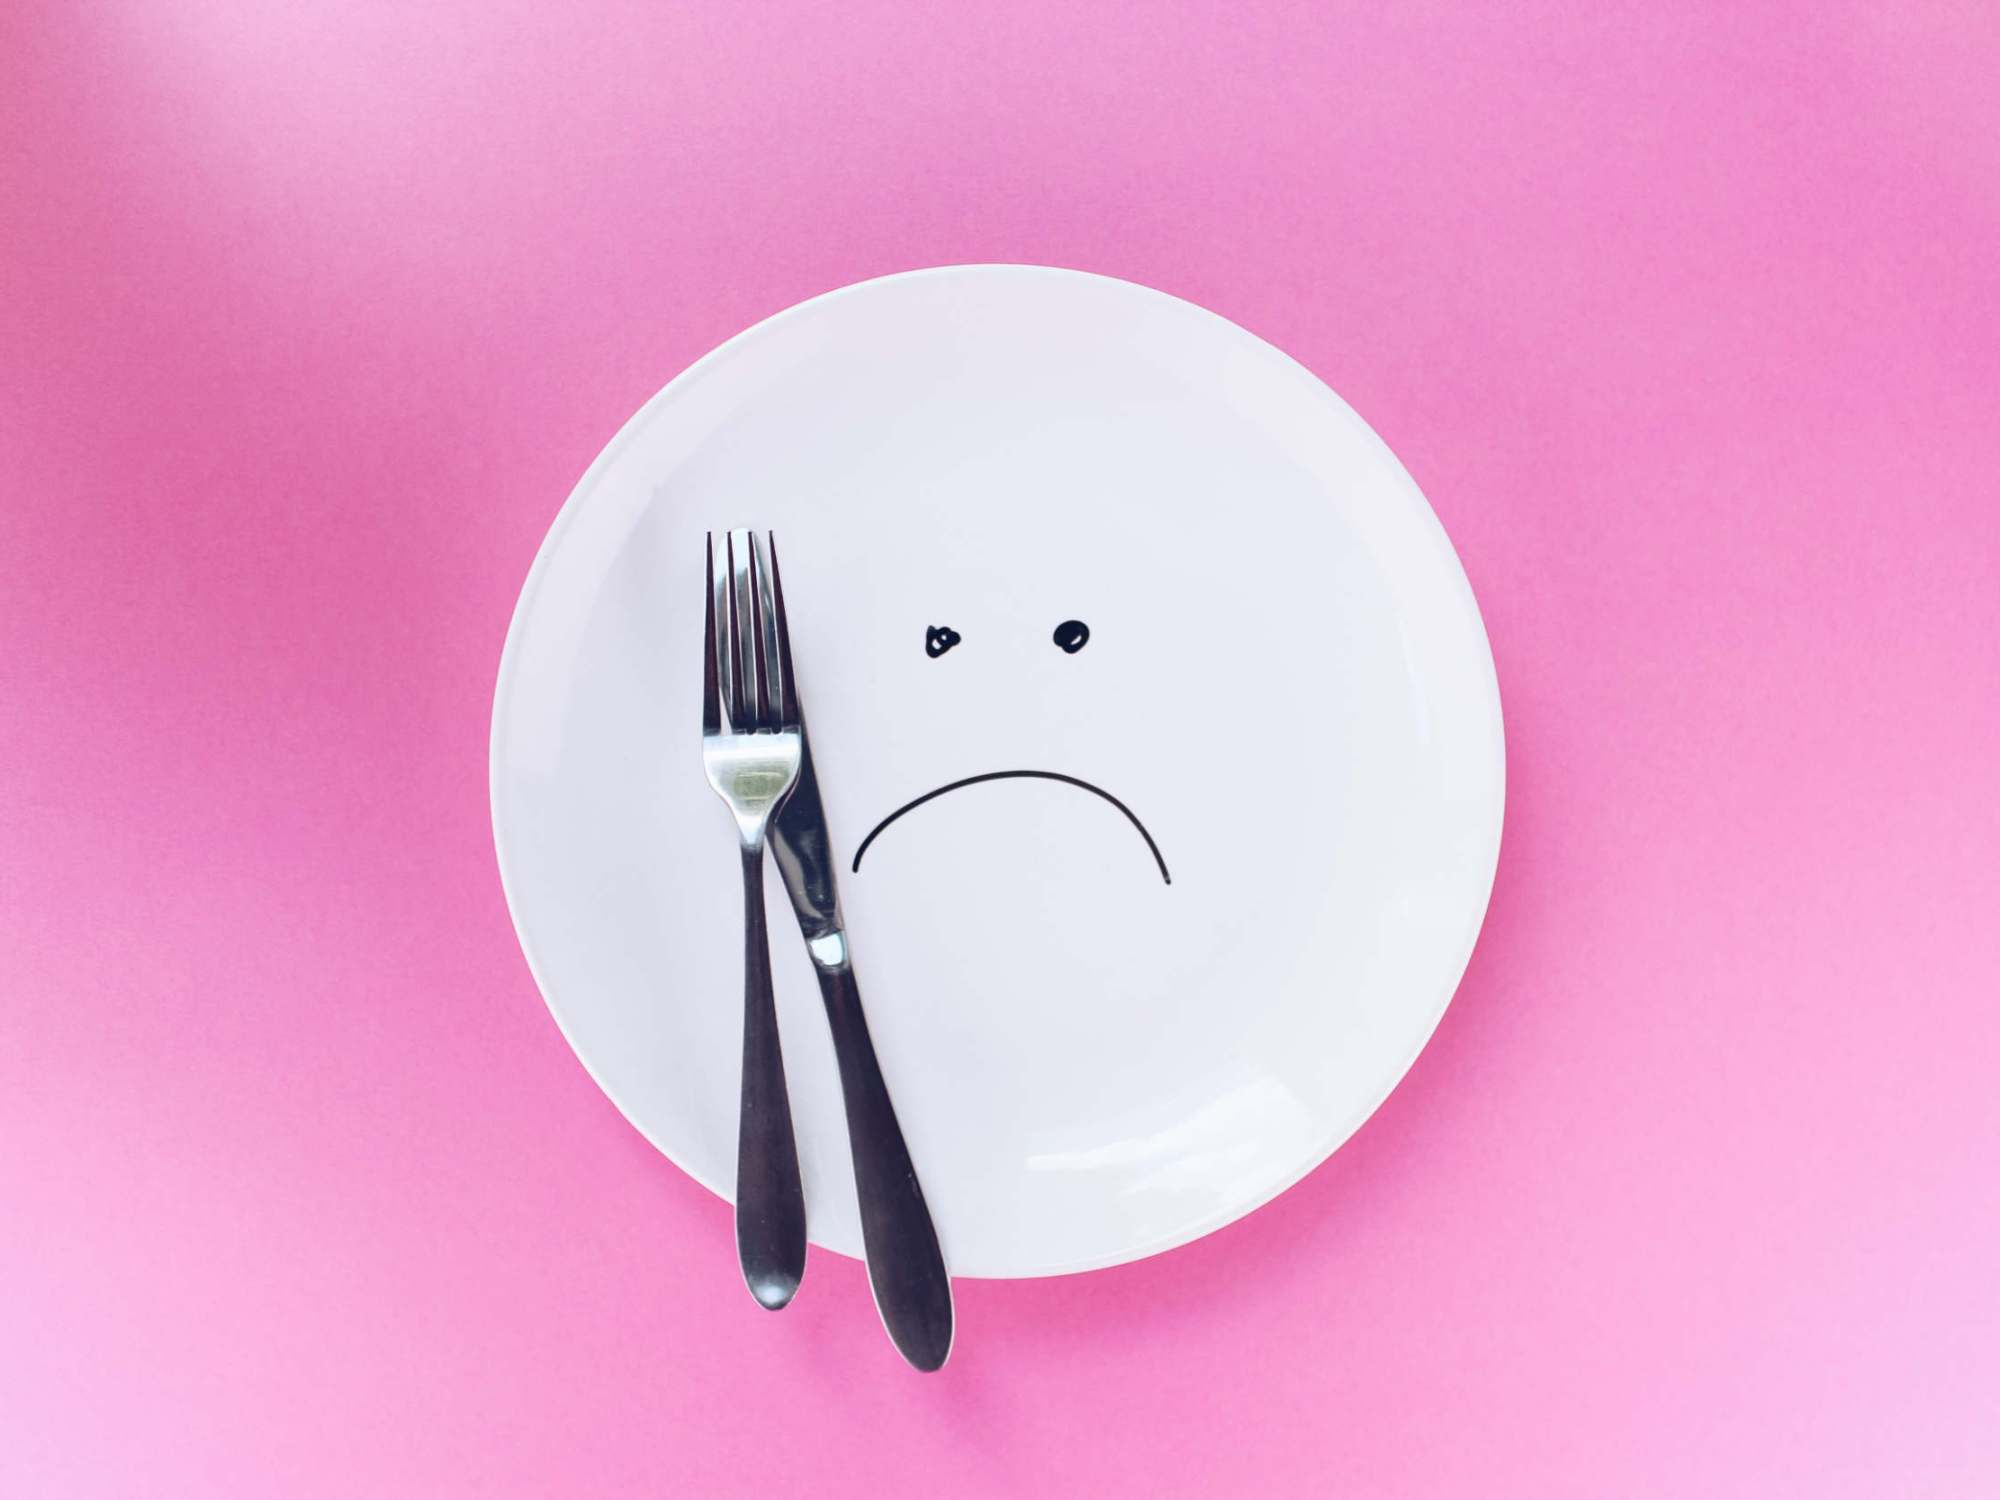 Les choses stupides imposées par les régimes